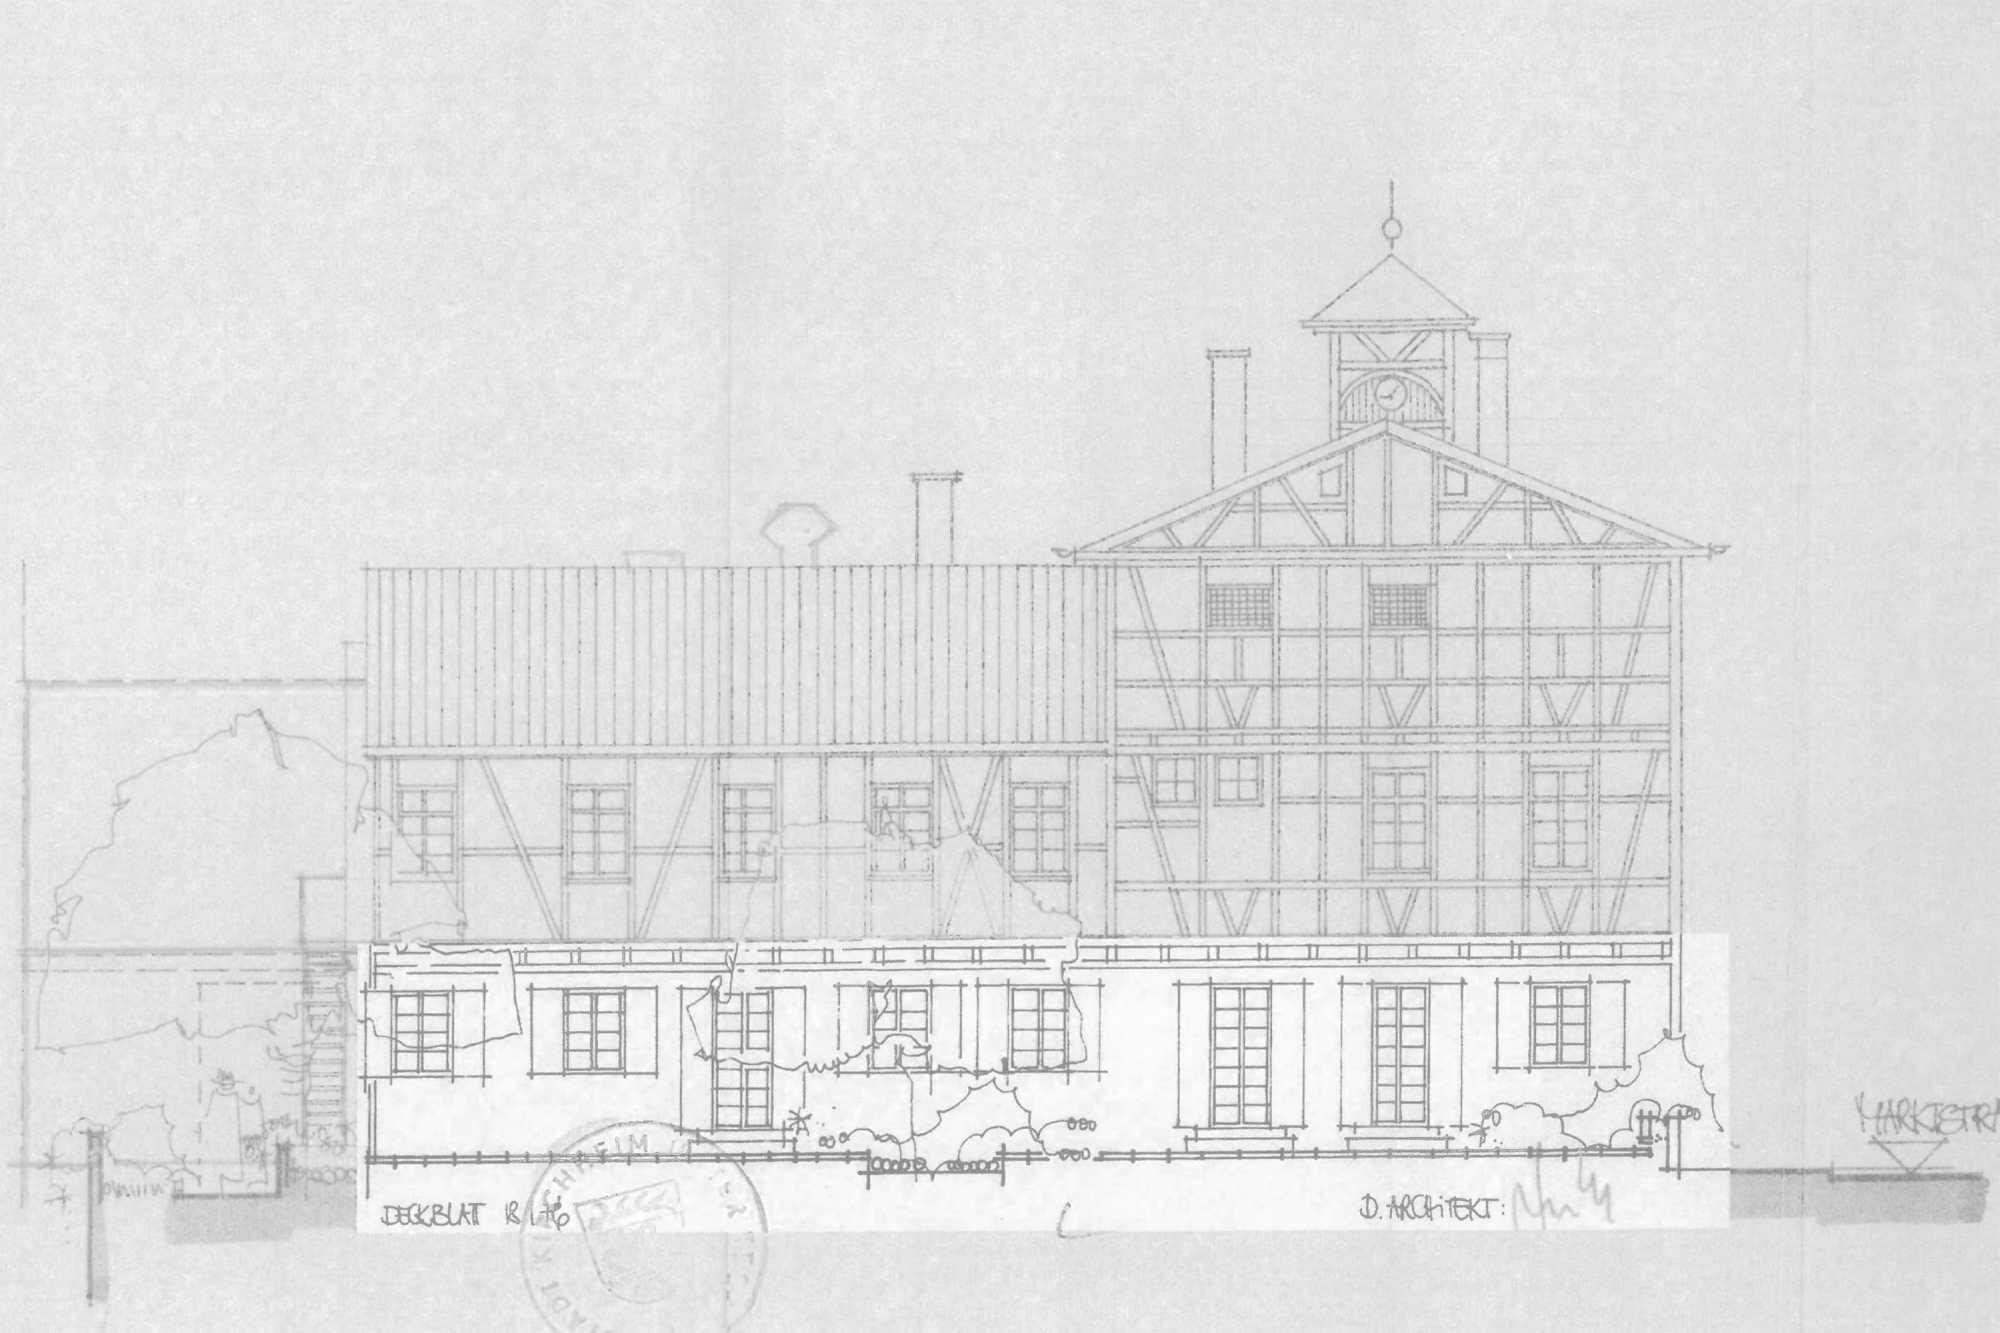 Denkmalpflegerische Sanierung Altes Wachthaus – Zuschlag im VgV-Verfahren ({project_images:field_row_count})